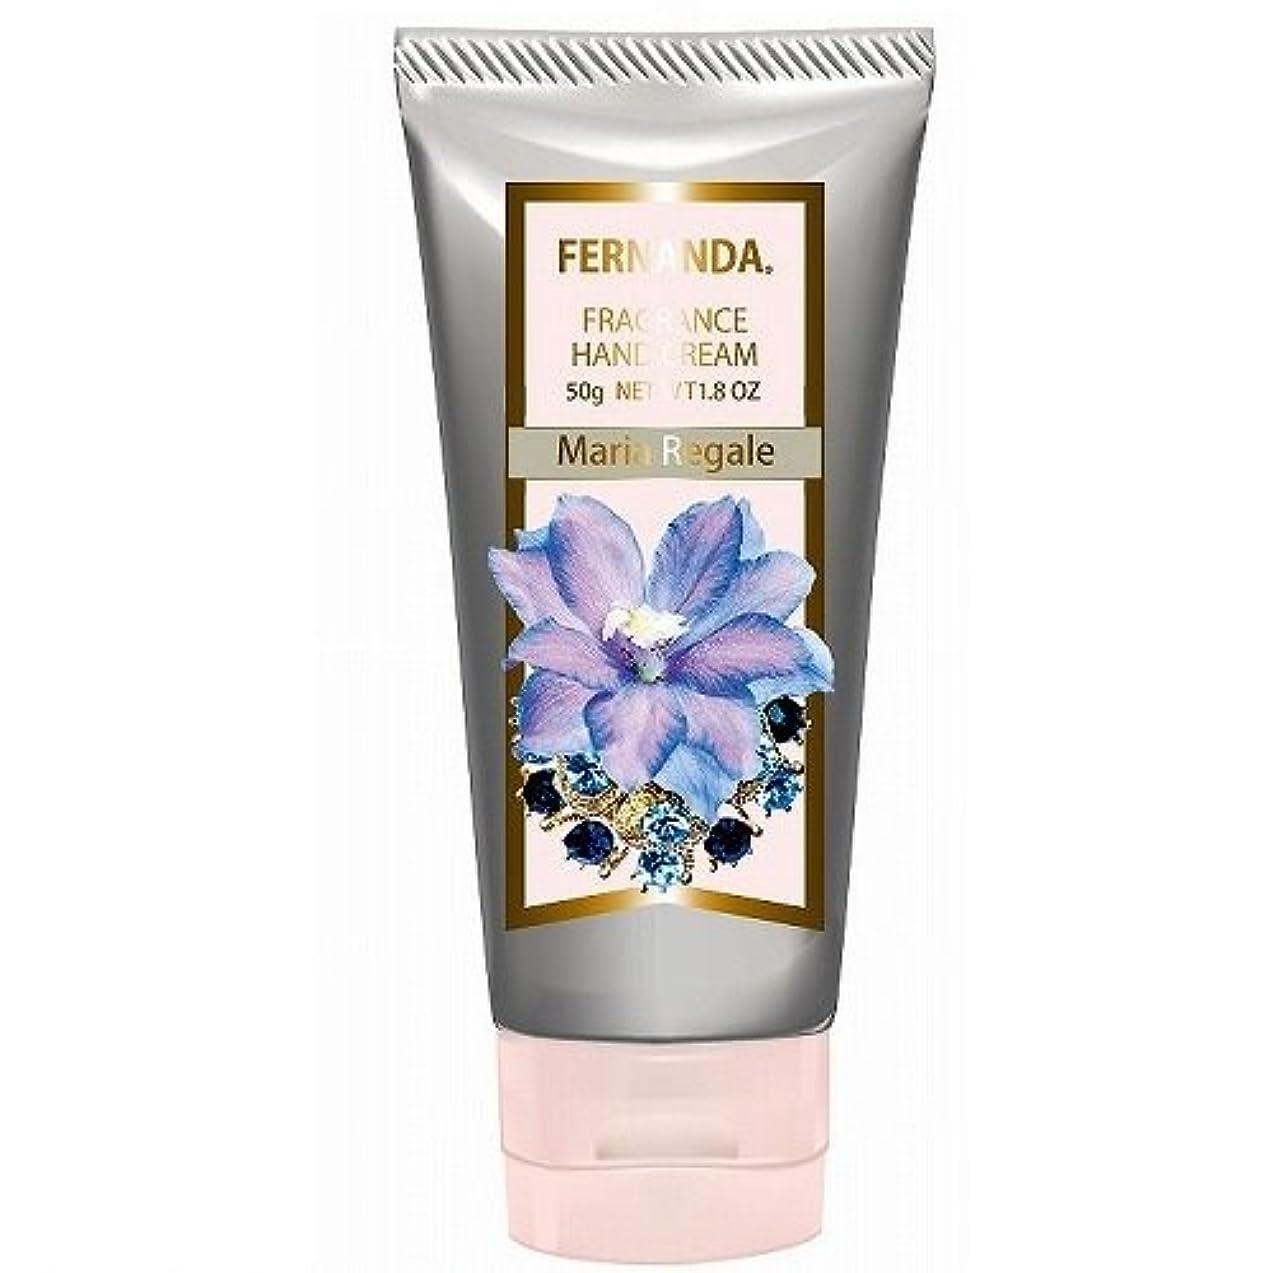 シエスタ真鍮放送FERNANDA(フェルナンダ) Hand Cream Maria Regale (ハンド クリーム マリアリゲル)